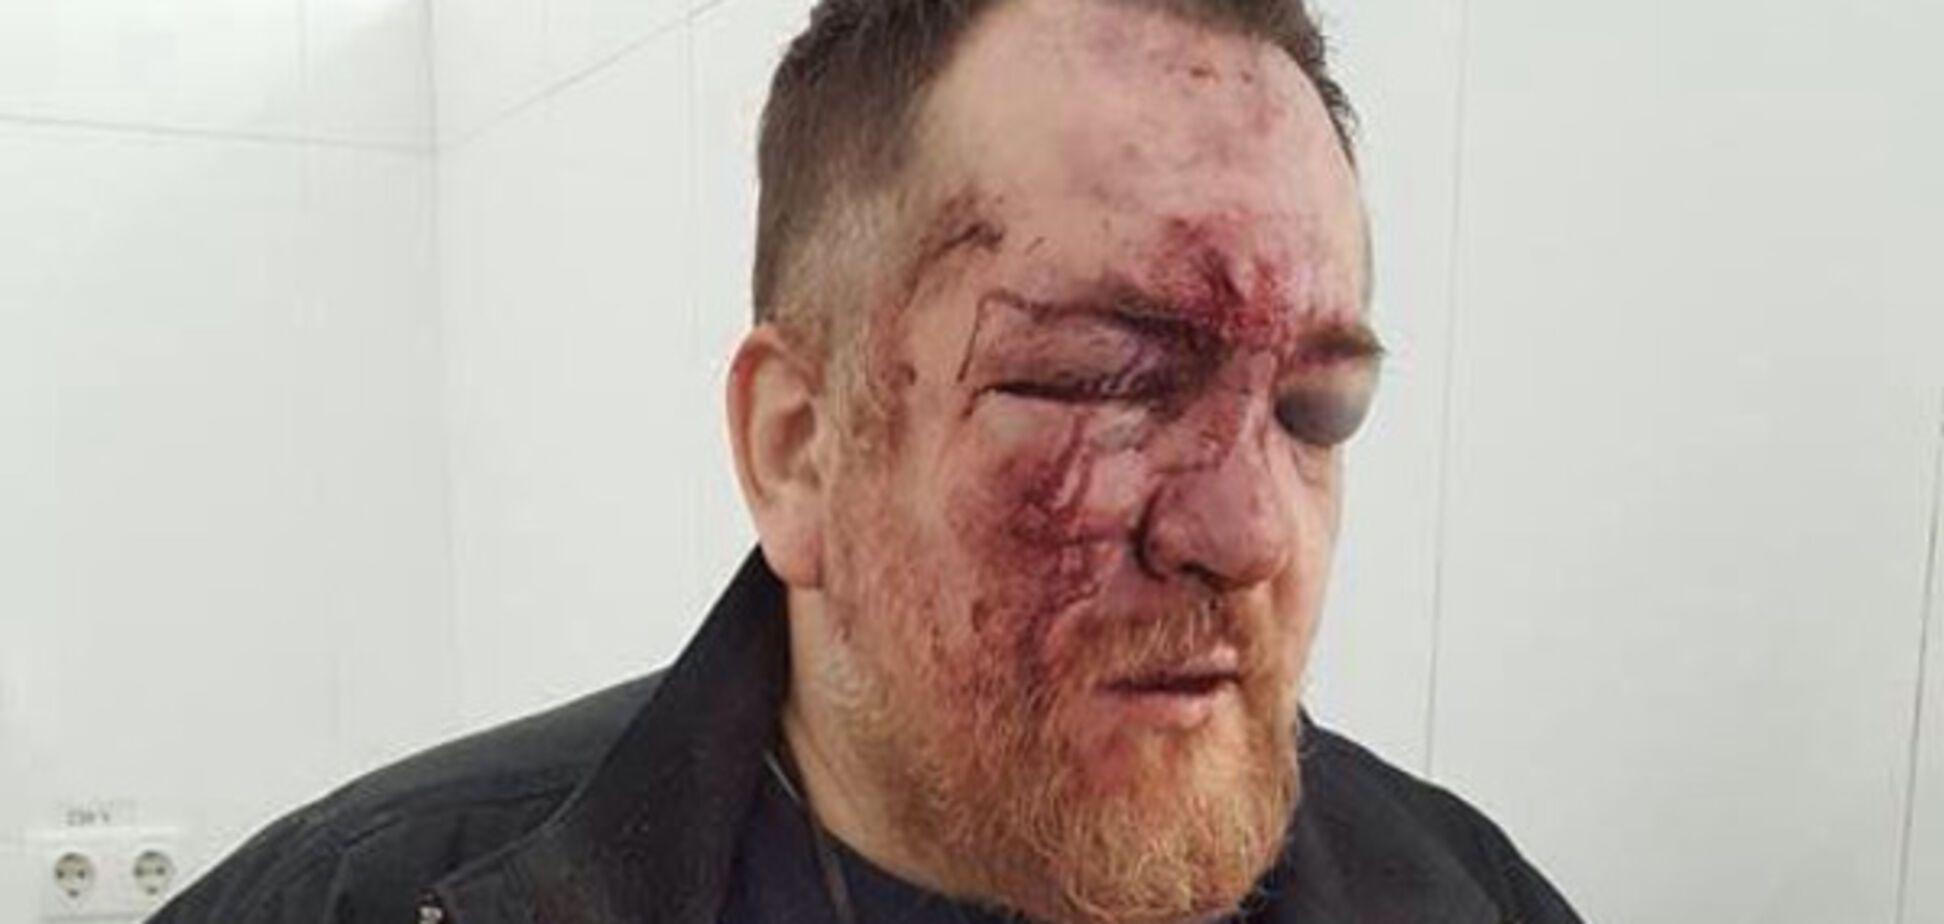 Это Харьков, детка: антимайдановцу сломали нос за 'колорадскую' ленточку на 23 февраля